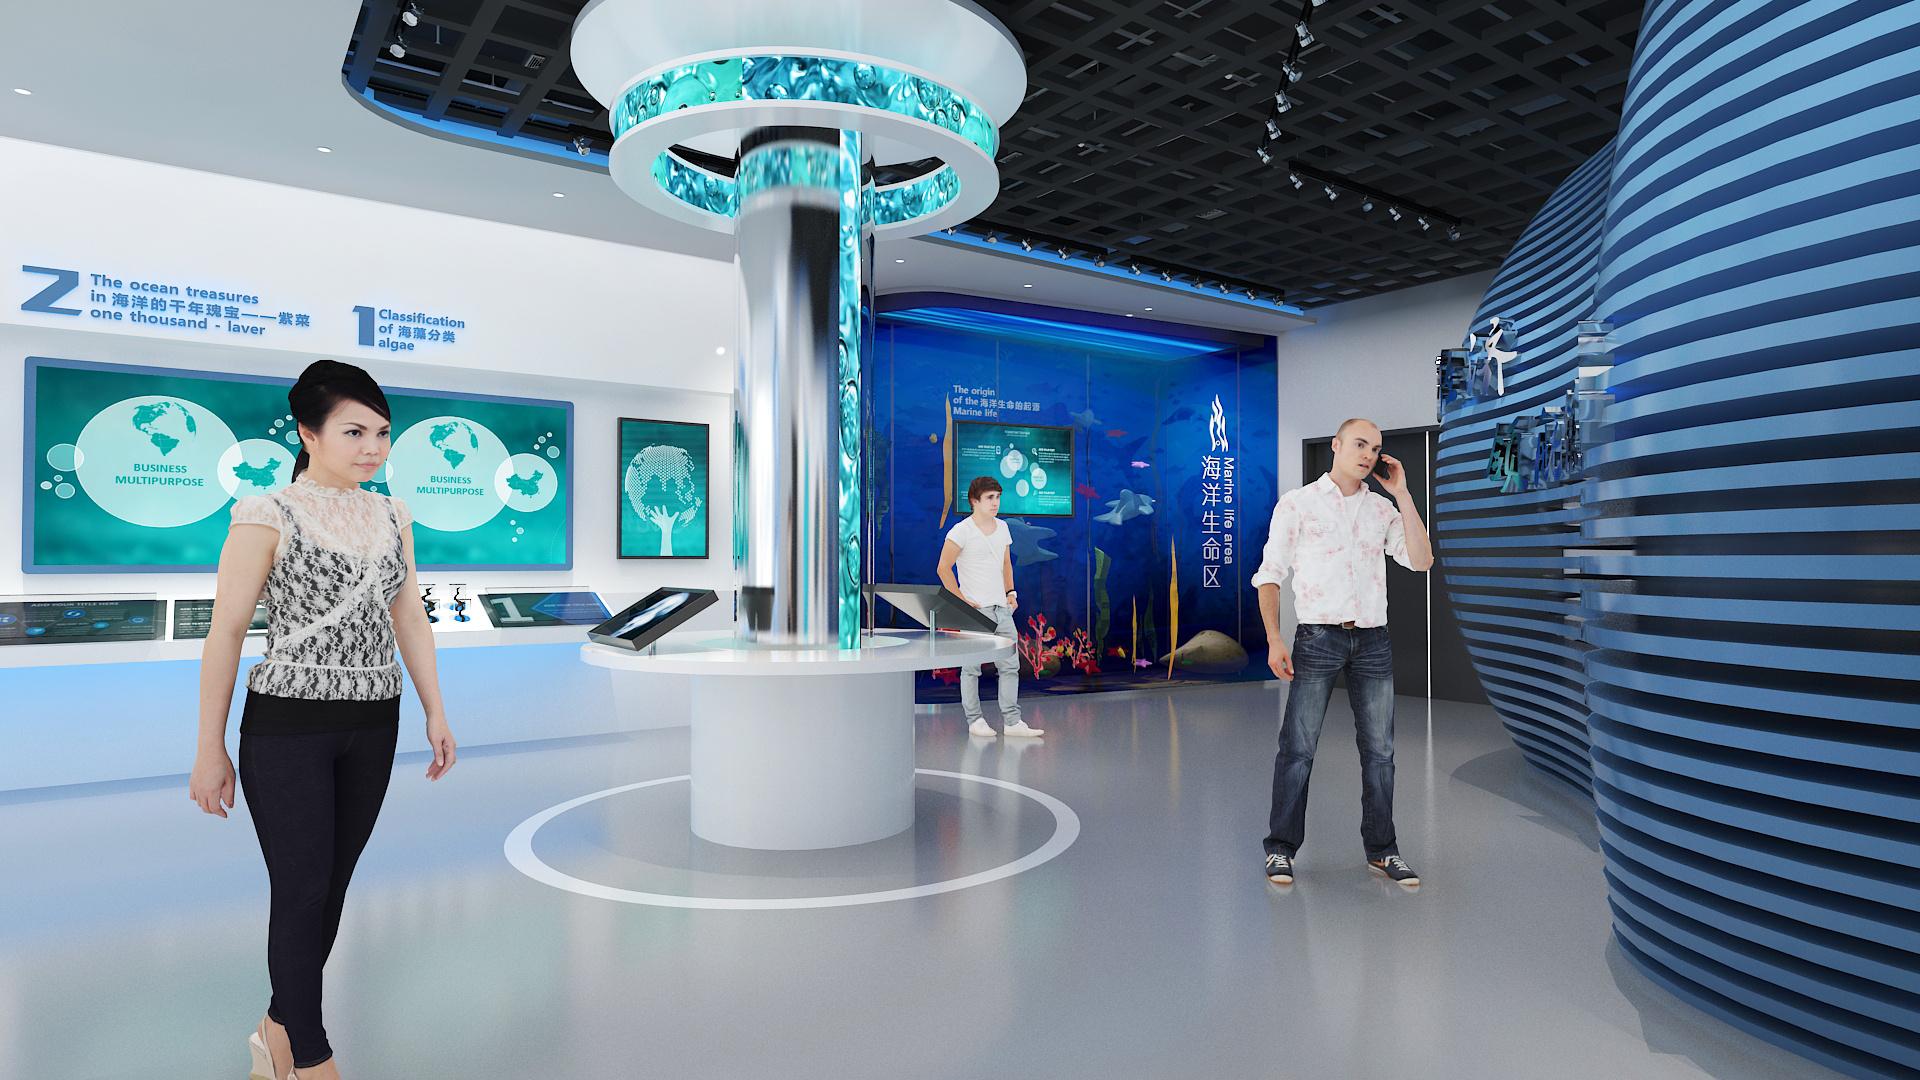 vr展厅设计